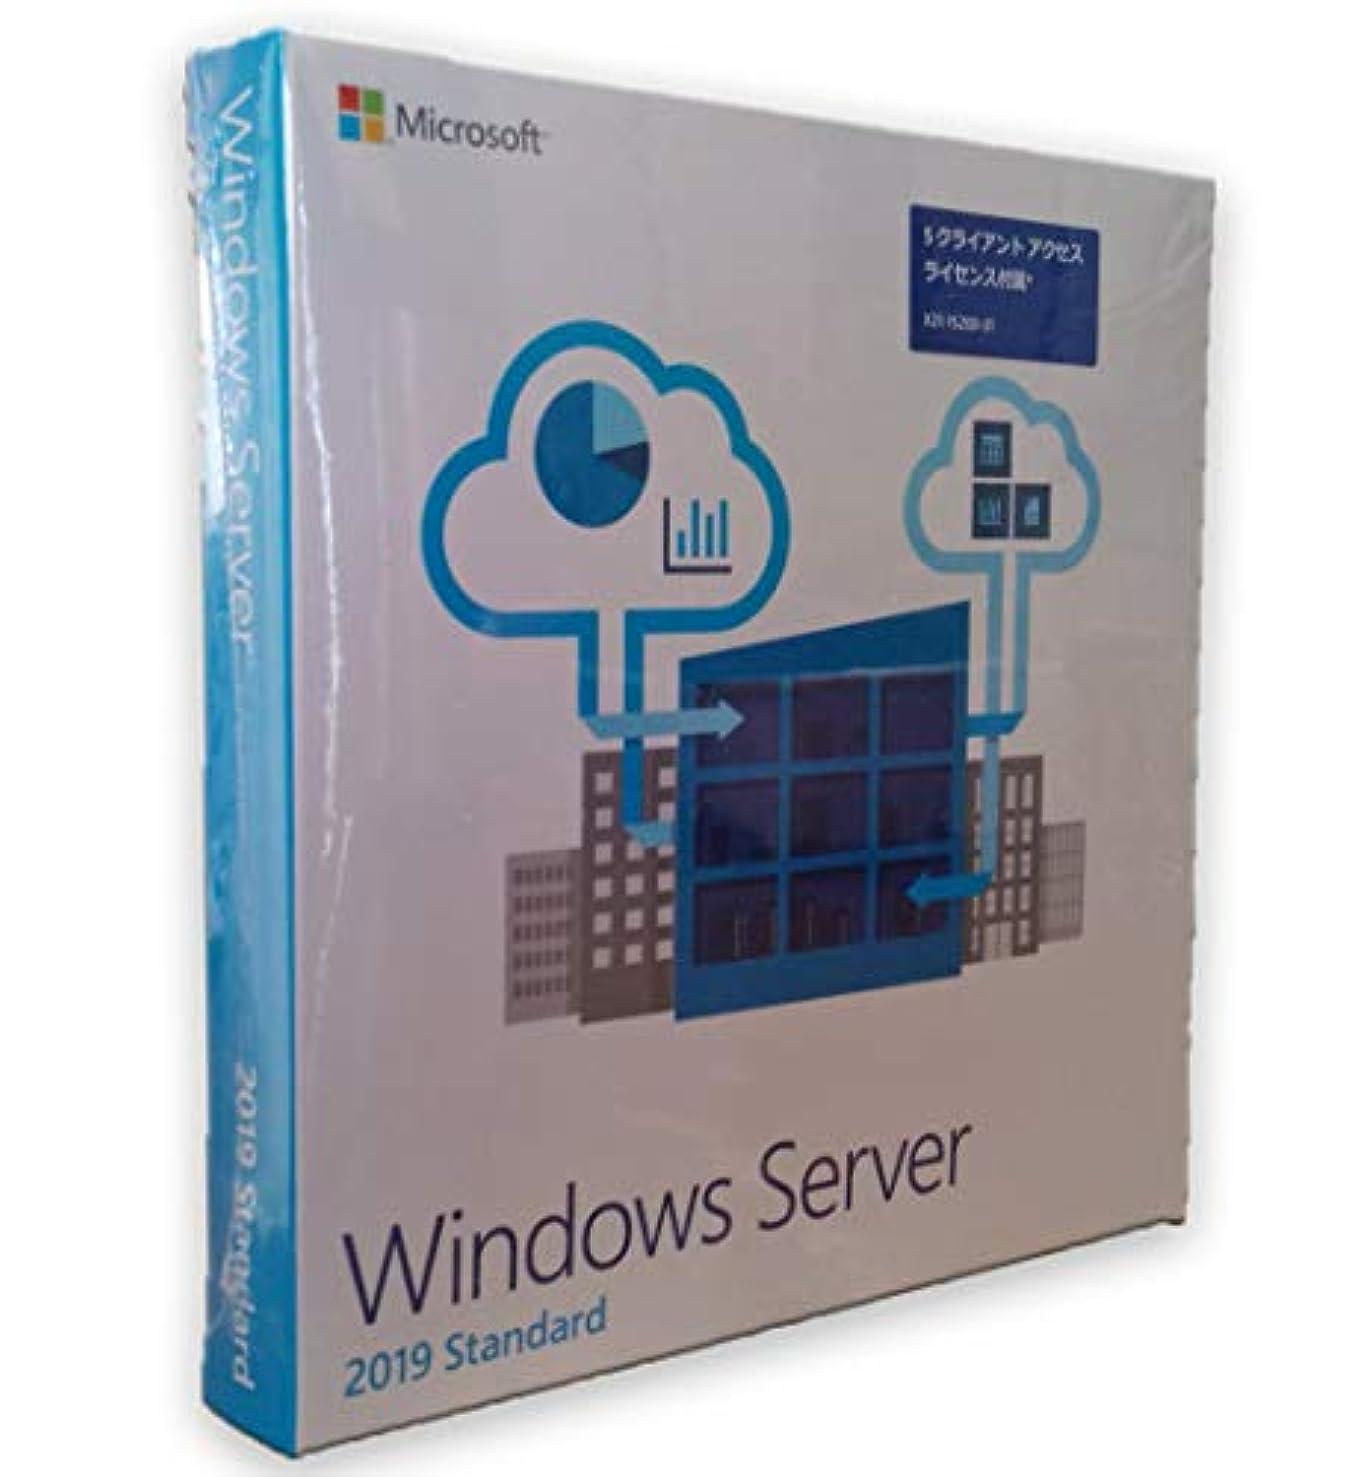 おんどりファセット争う日本マイクロソフト Windows Svr Std 2019 64Bit Japanese DVD 5 Clt 16 Core License